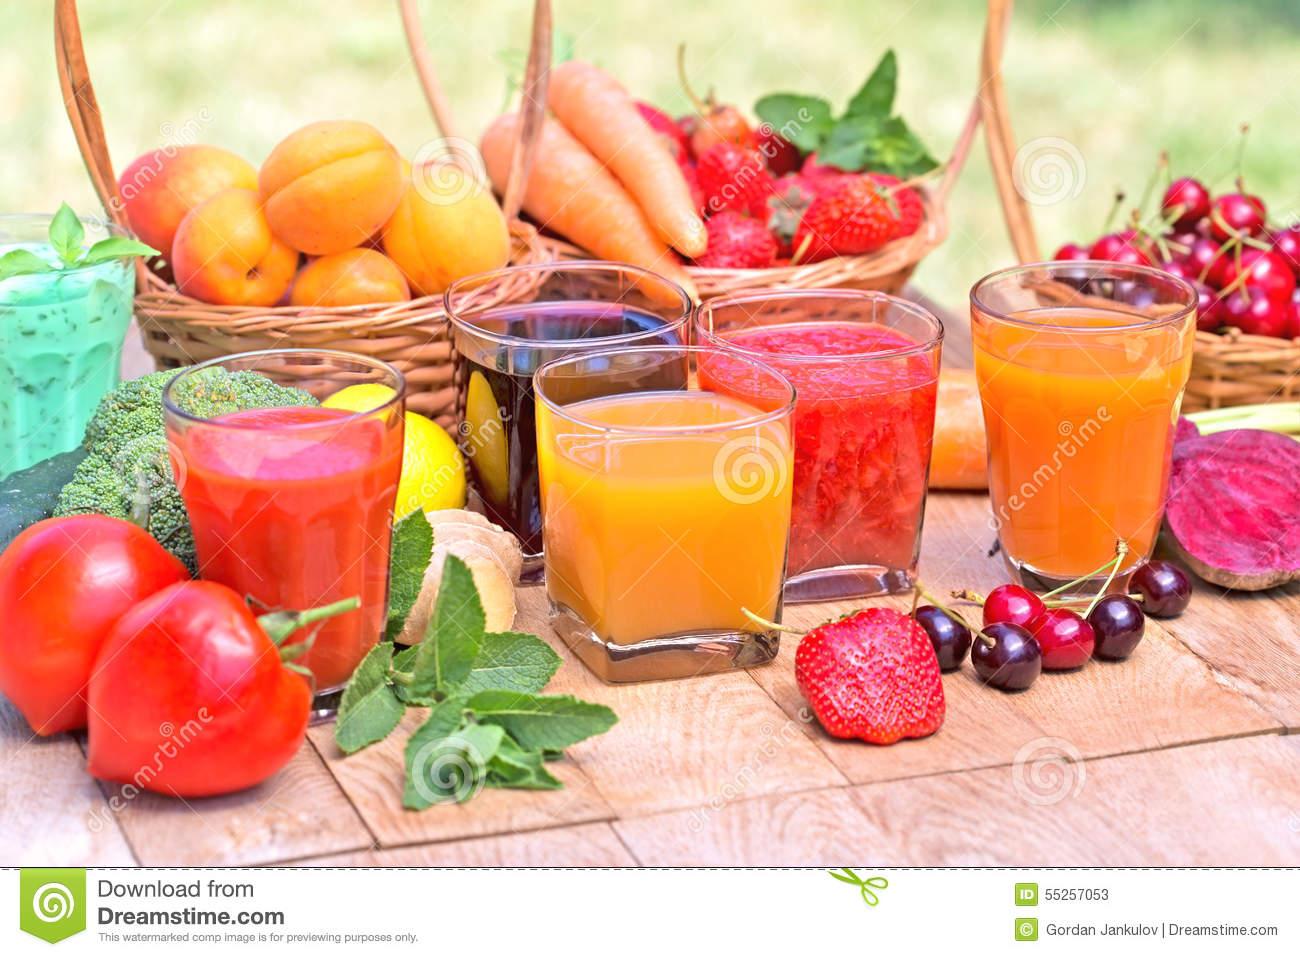 Χυμός φρούτων ή φρούτα? Σαλάτα ή σάντουιτς λαχανικών ?